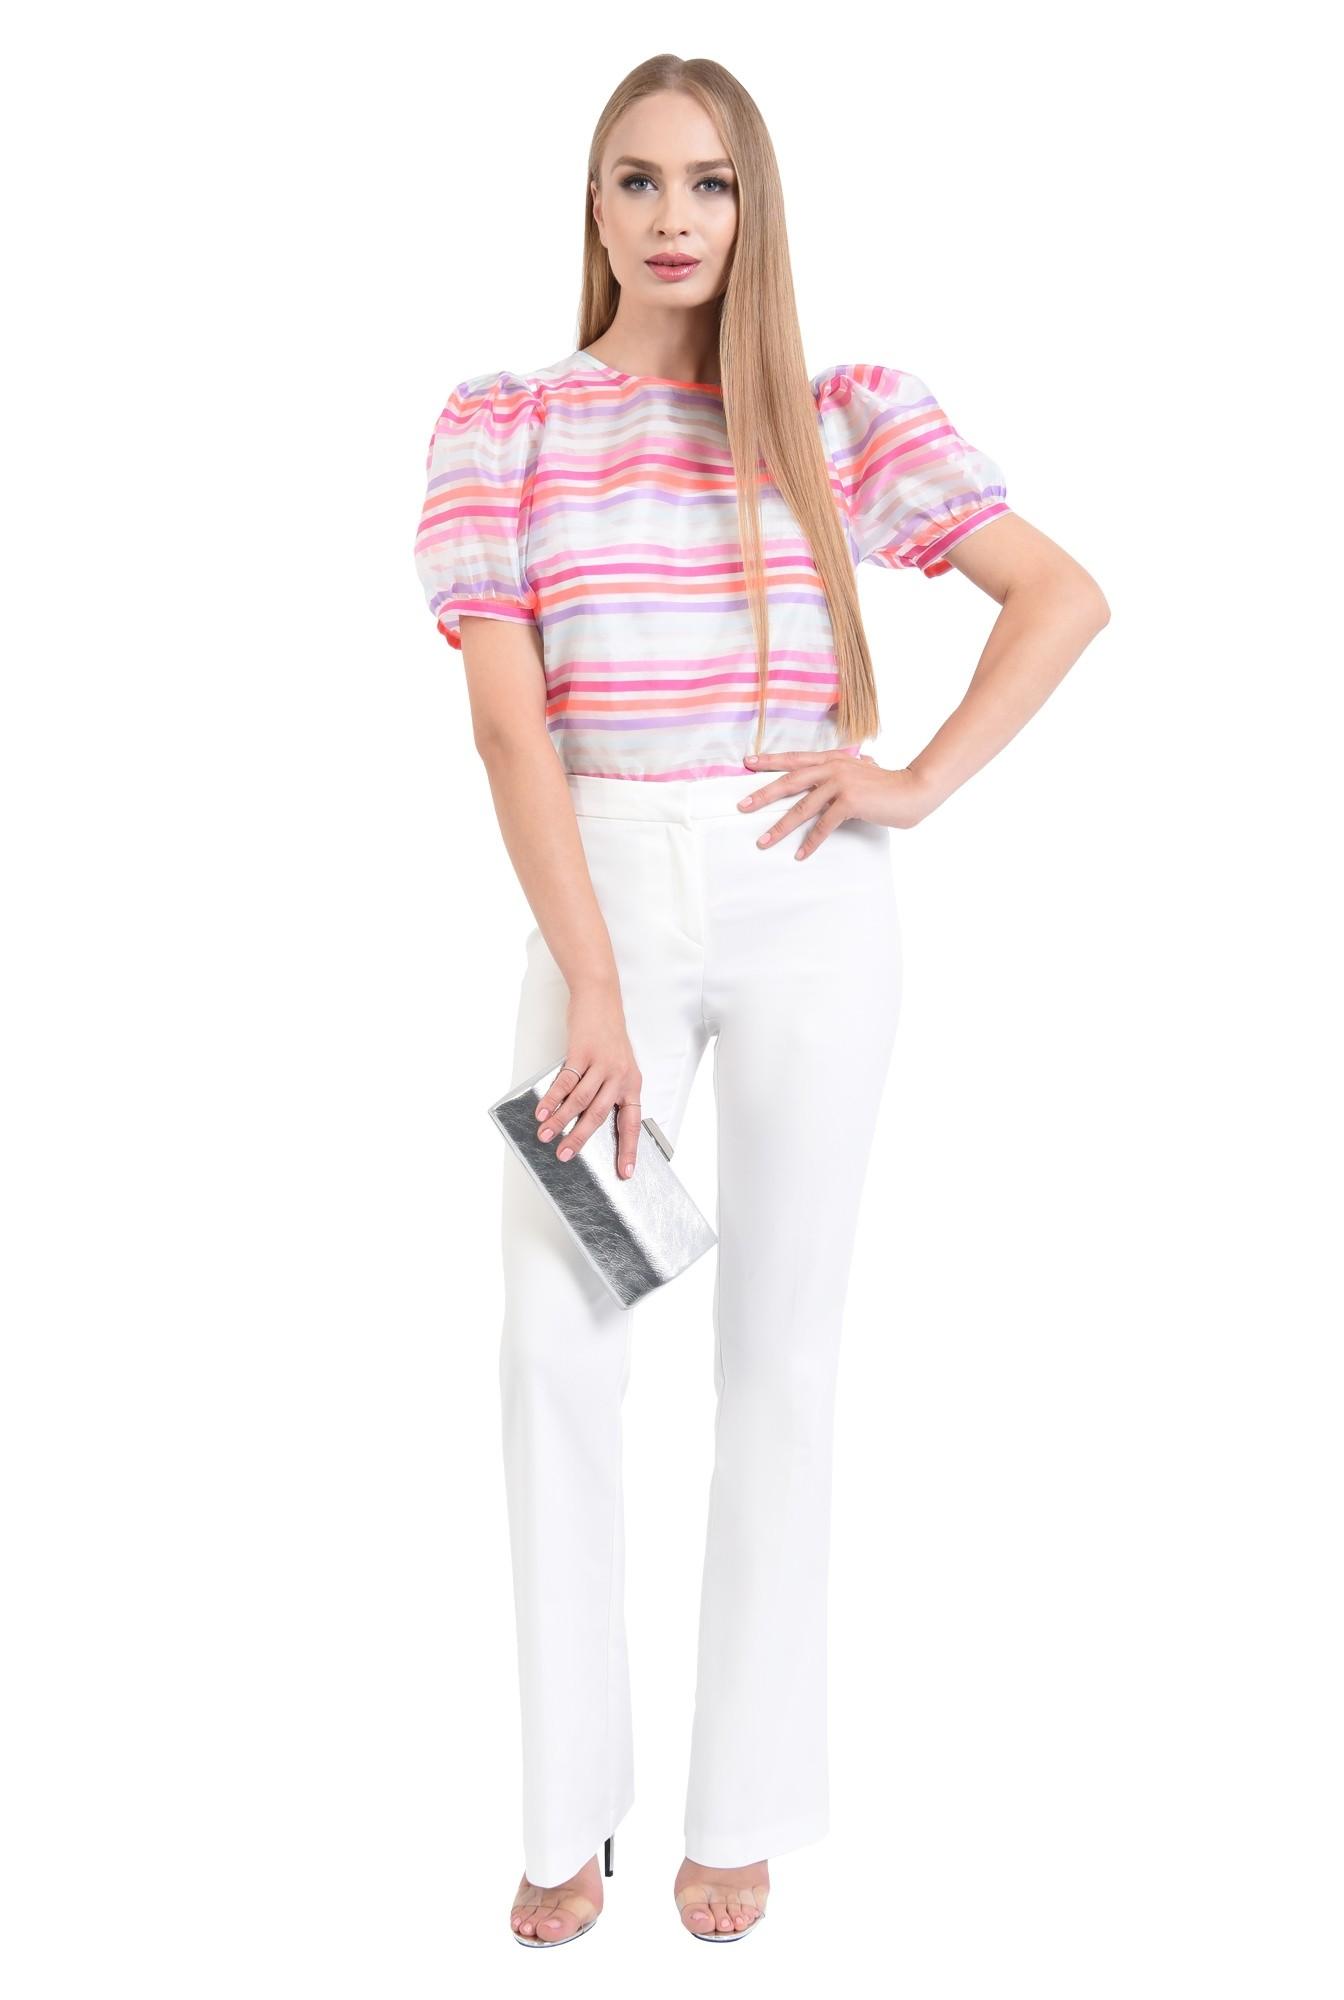 0 - bluza de ocazie, imprimeu dungi, roz, alb, bluze online